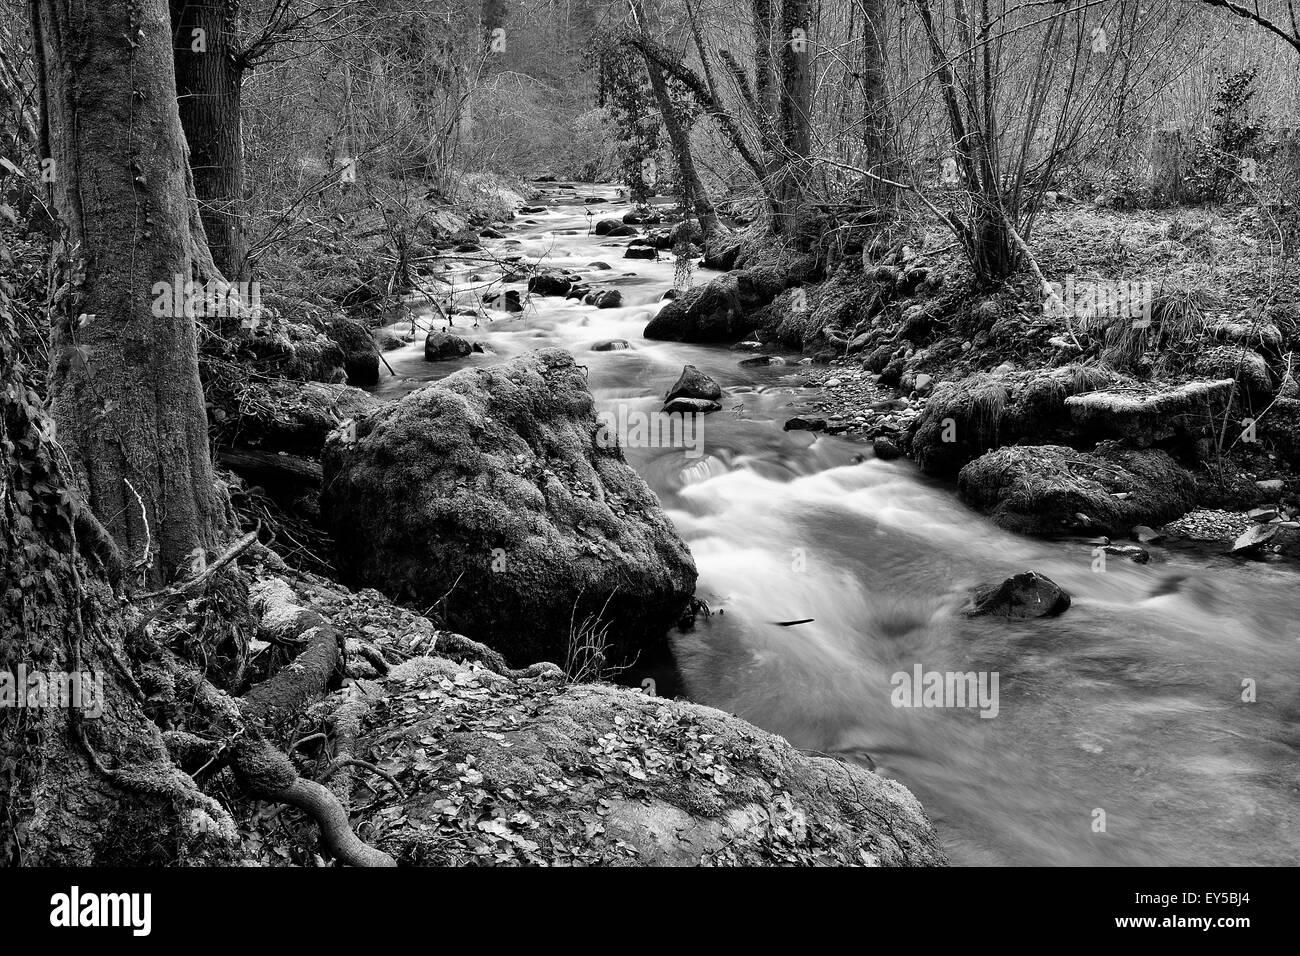 Jonen river undergrowth - Canton of Zurich Switzerland - Stock Image